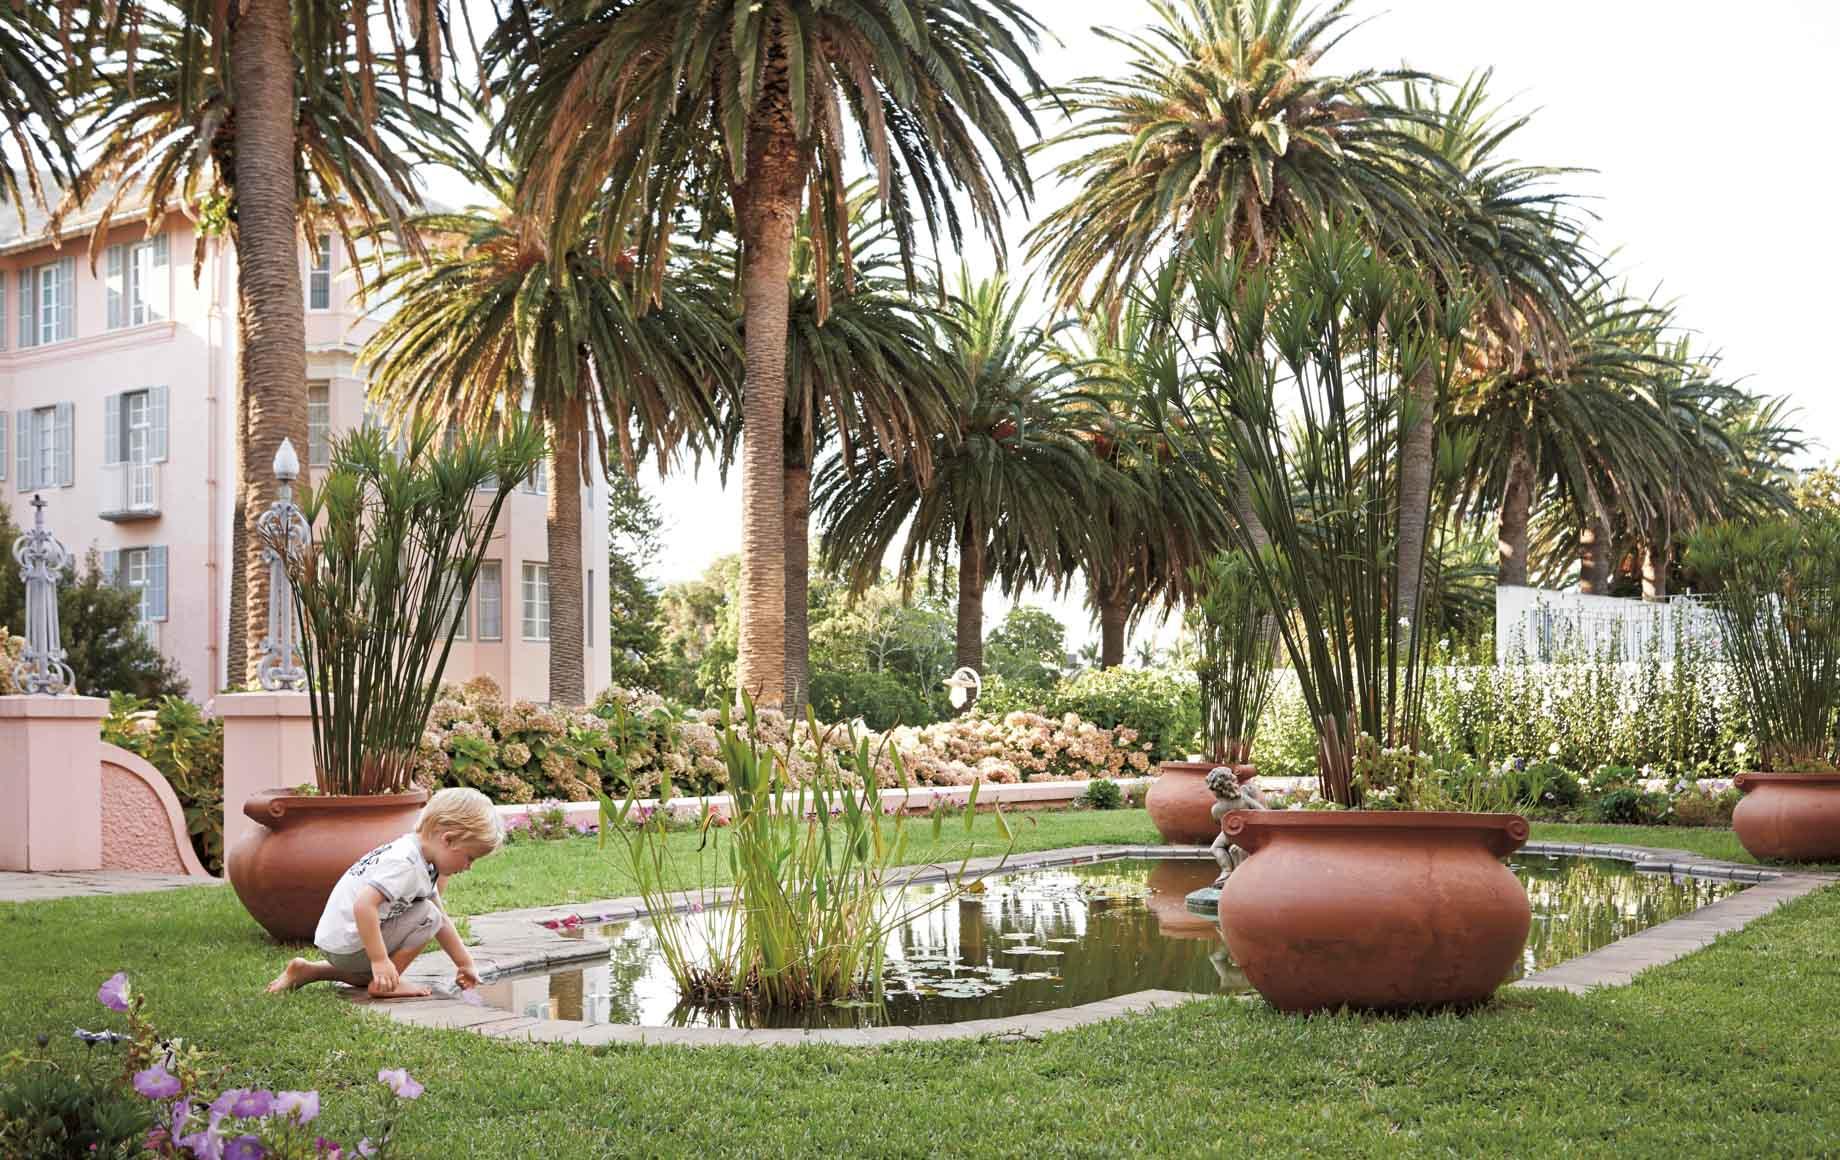 Boy plays in garden at Belmond Mount Nelson Hotel in Africa